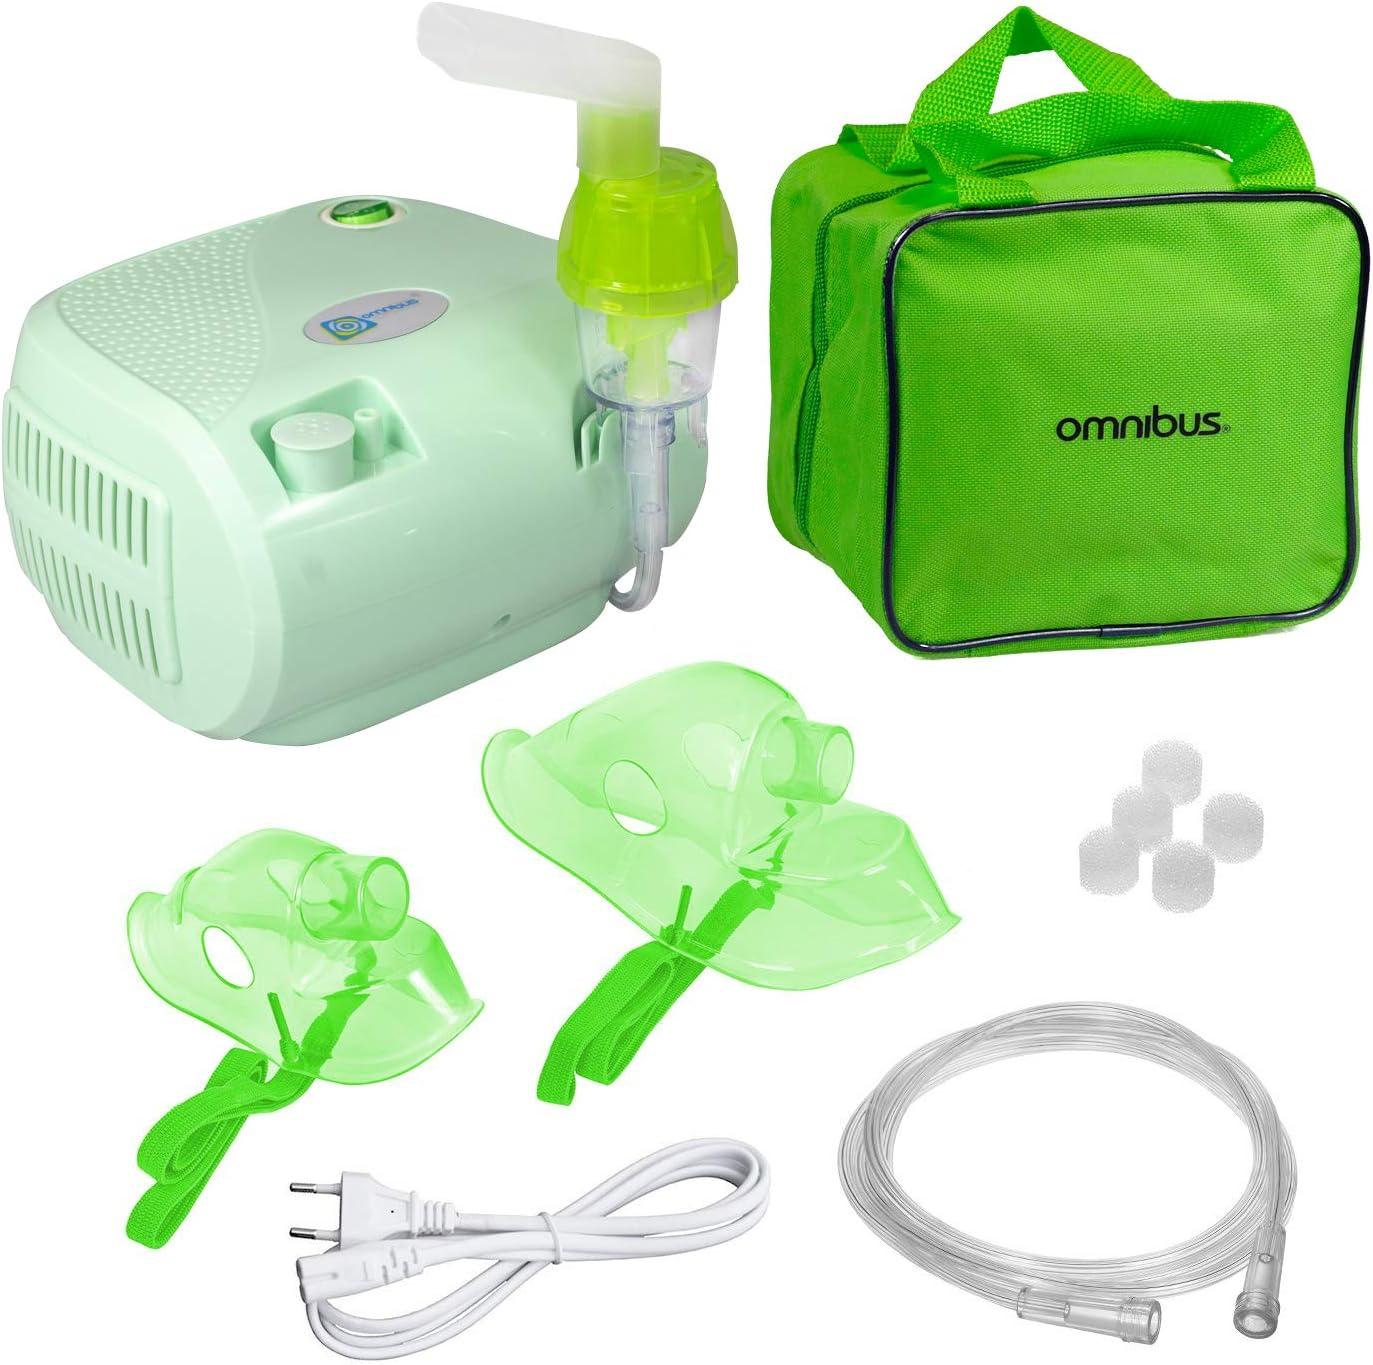 Omnibus BR-CN116B - Nuevo inhalador compresor Inhalador compacto para inhaladores bebe electrico (Limón)